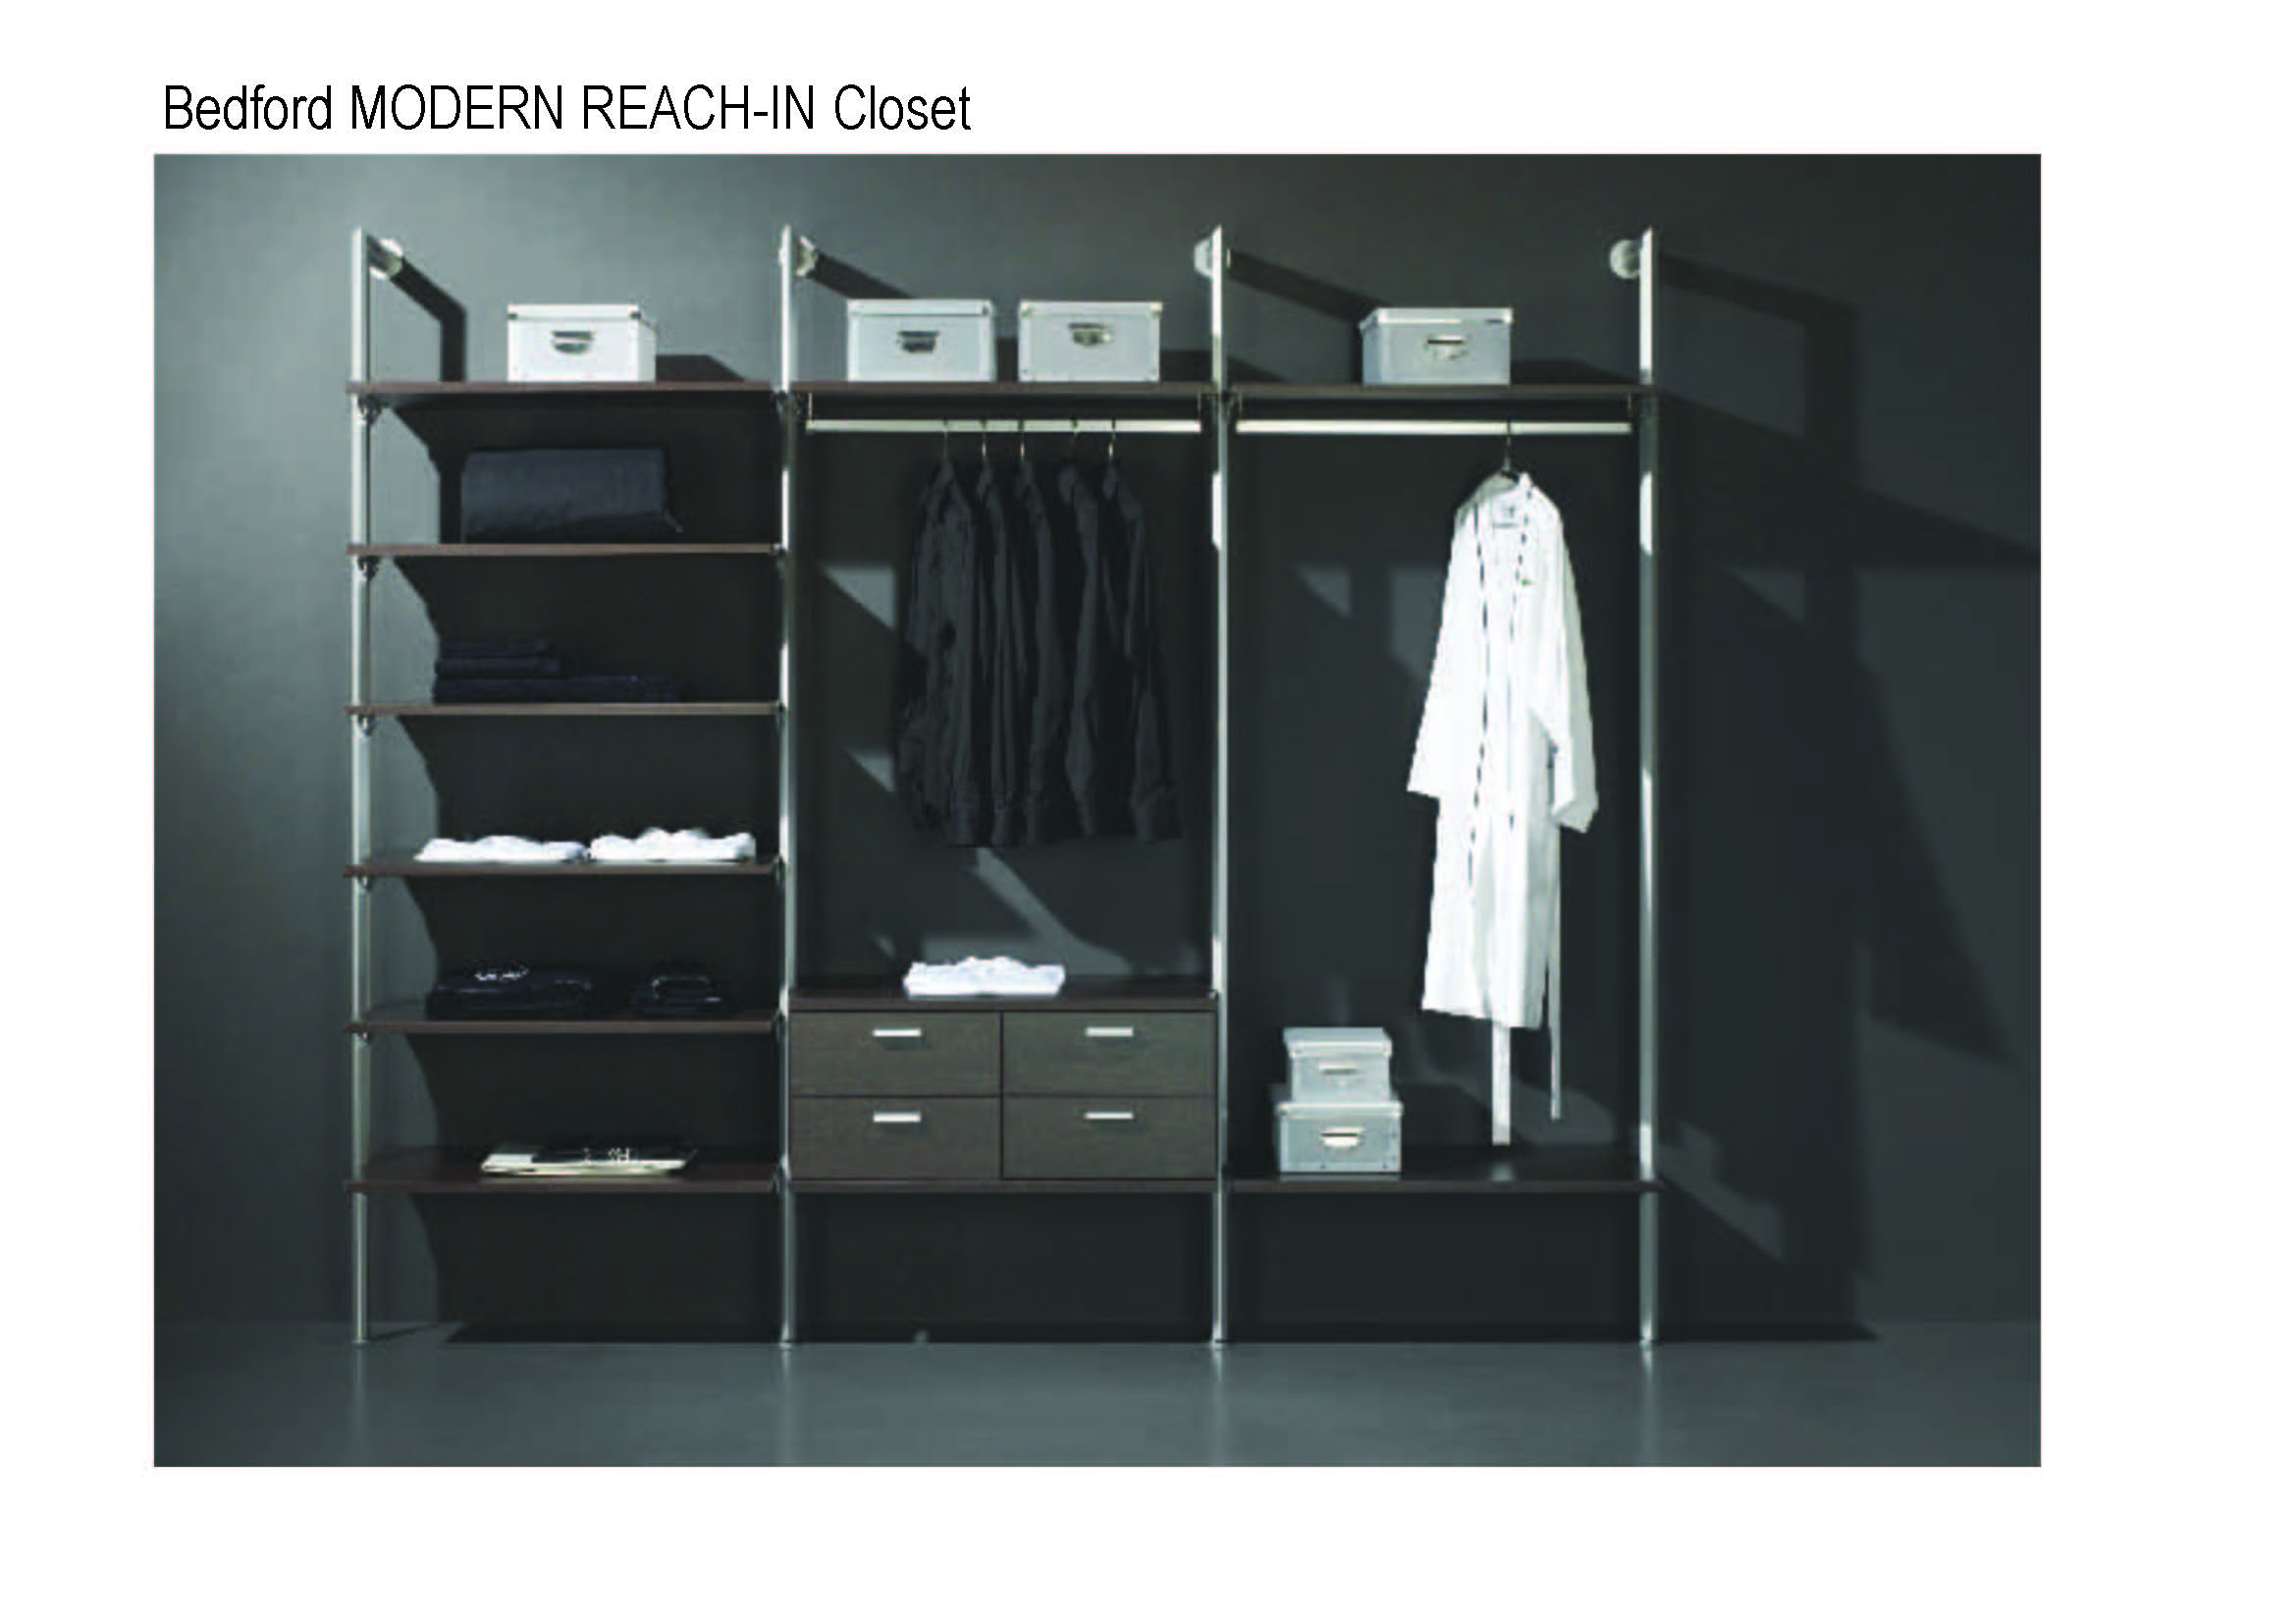 Шкафы-купе, гардеробные - объявления: продажа, ремонт кварти.